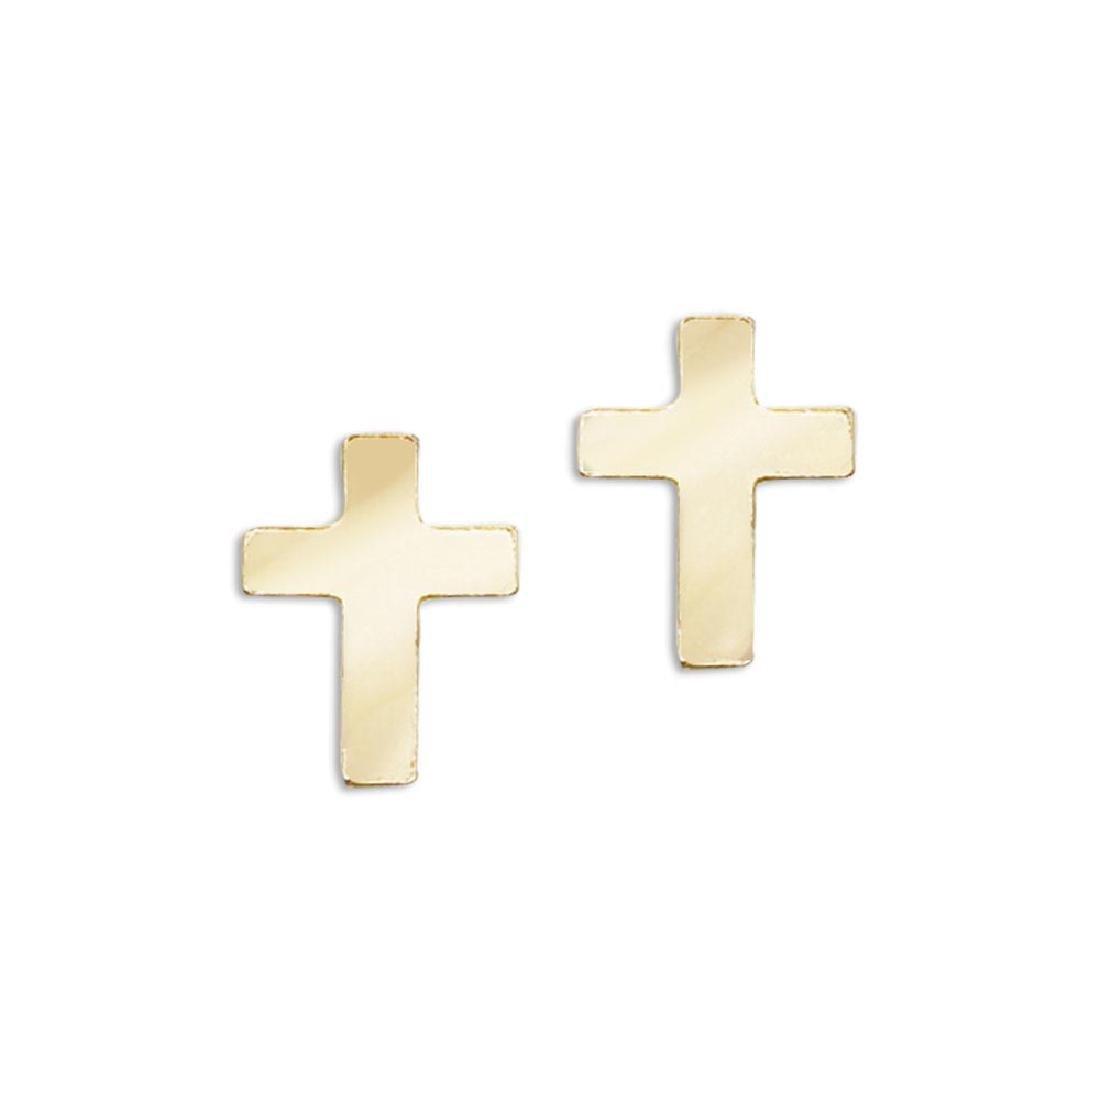 Certified 14K Yellow Gold Baby Cross Screwback Earrings